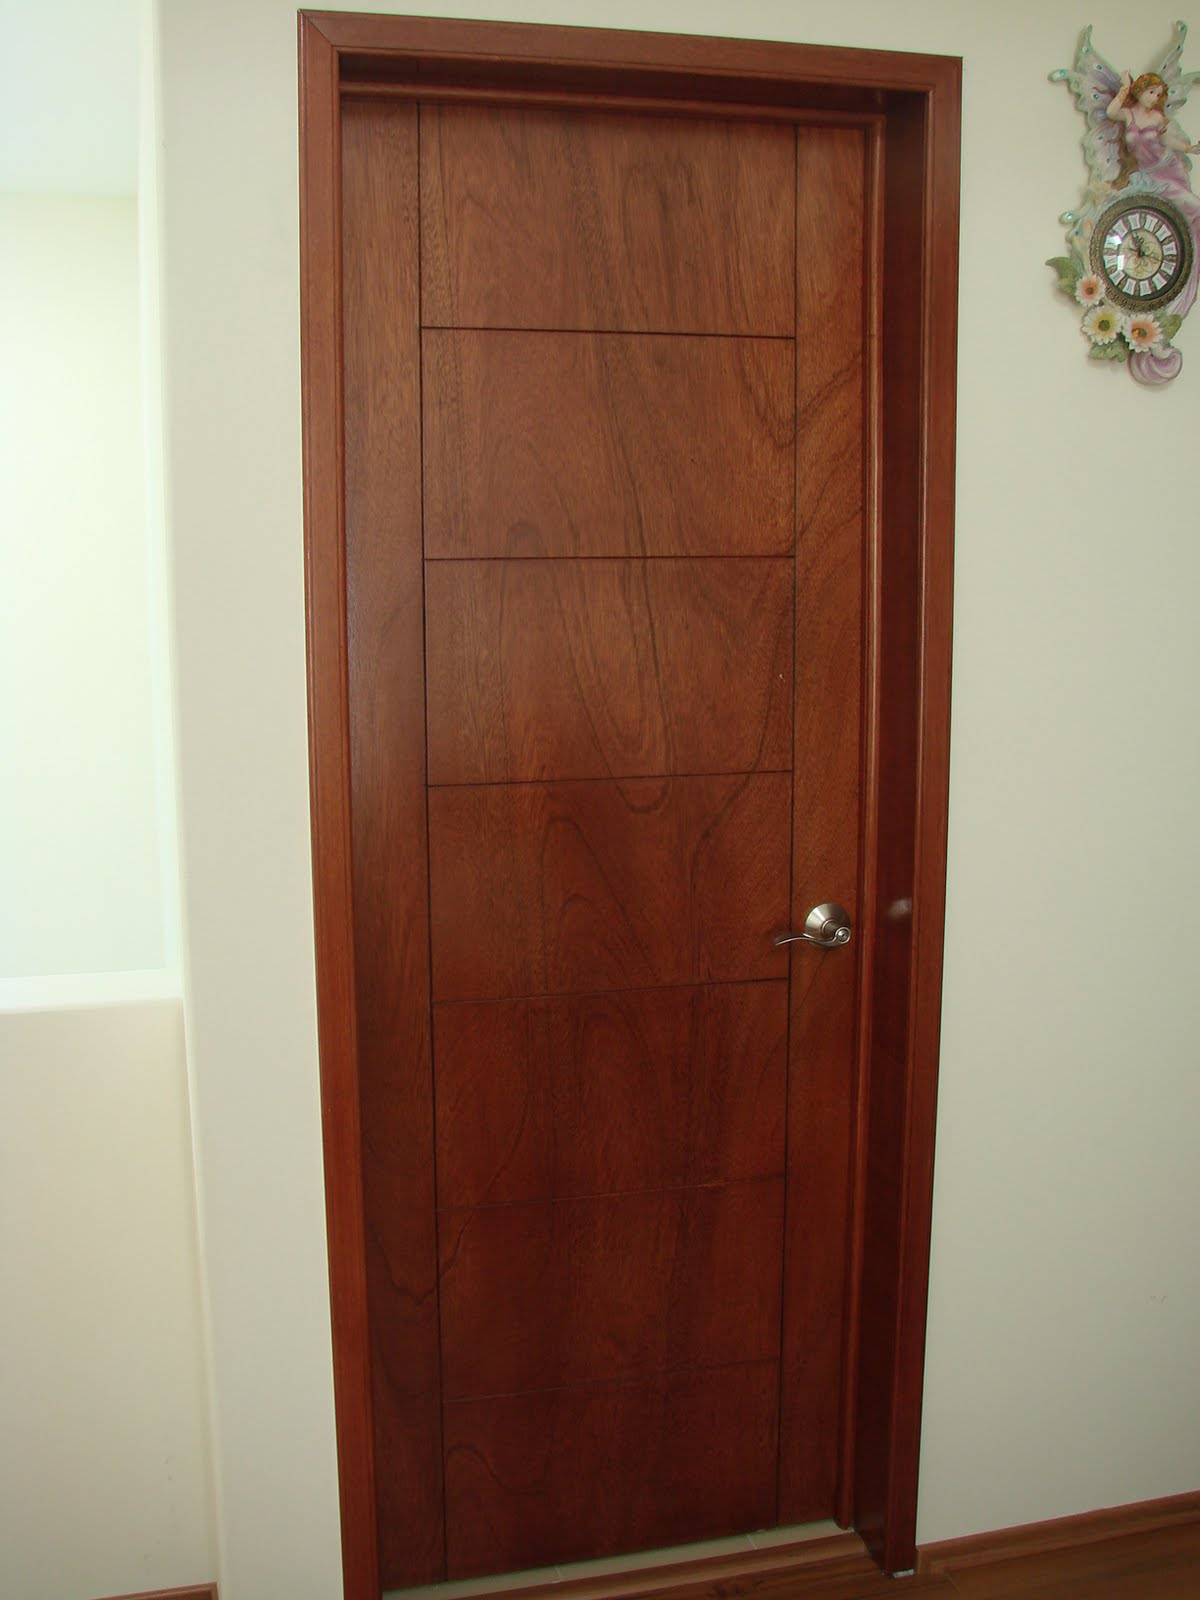 Puertas corredizas de tambor puerta en madera cedro macisa for Puertas corredizas